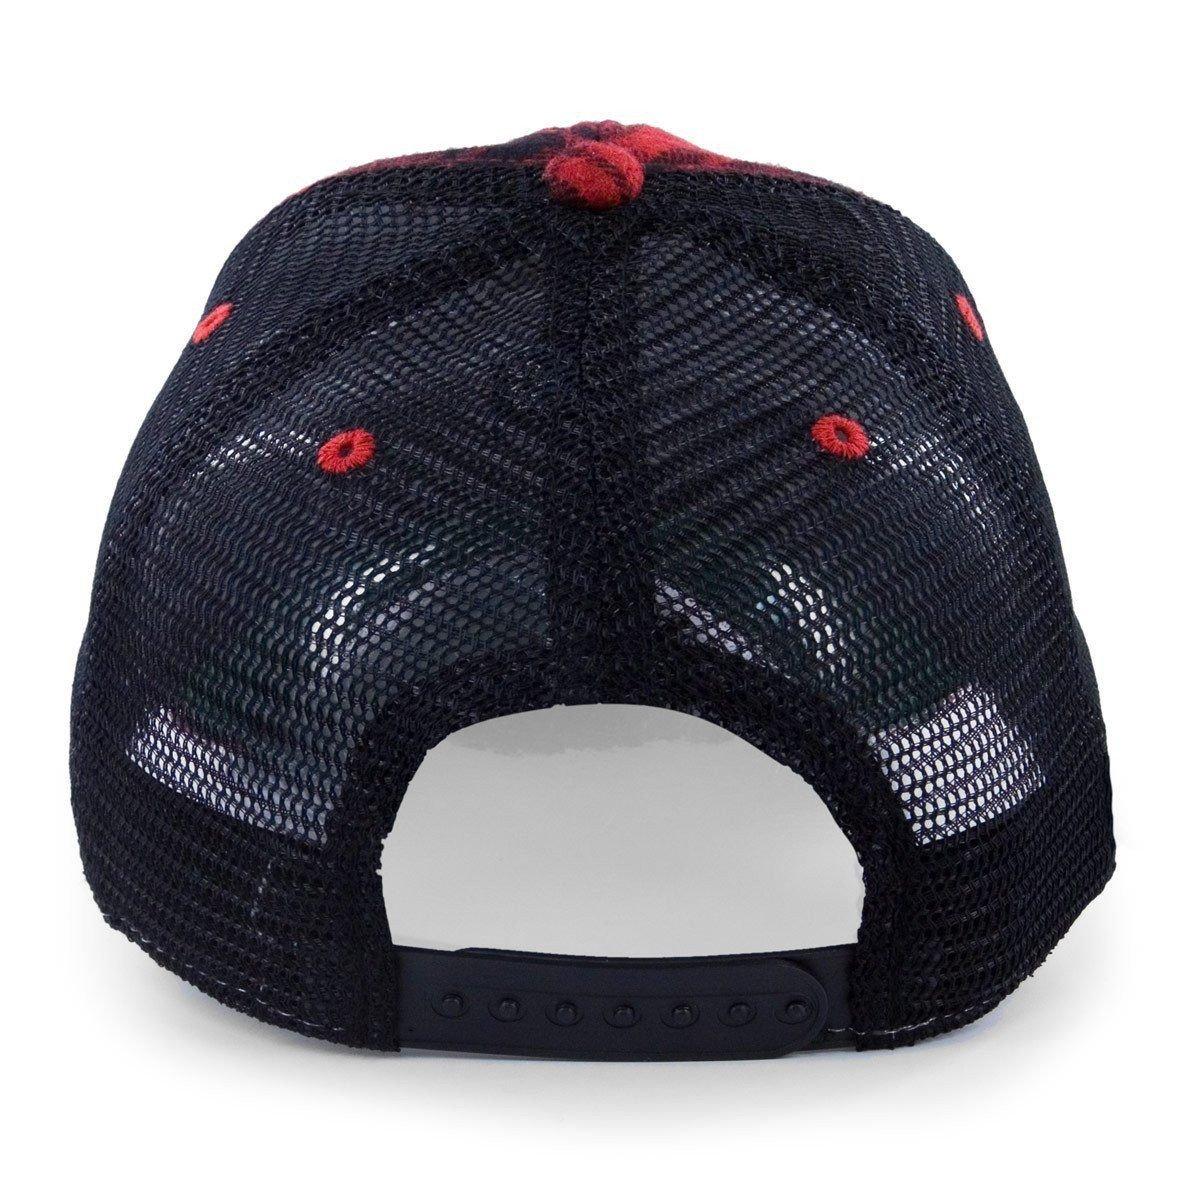 b71e732782523 Chowdaheadz Maine State Lumbahjack Mesh Trucker Hat at Amazon Men s  Clothing store